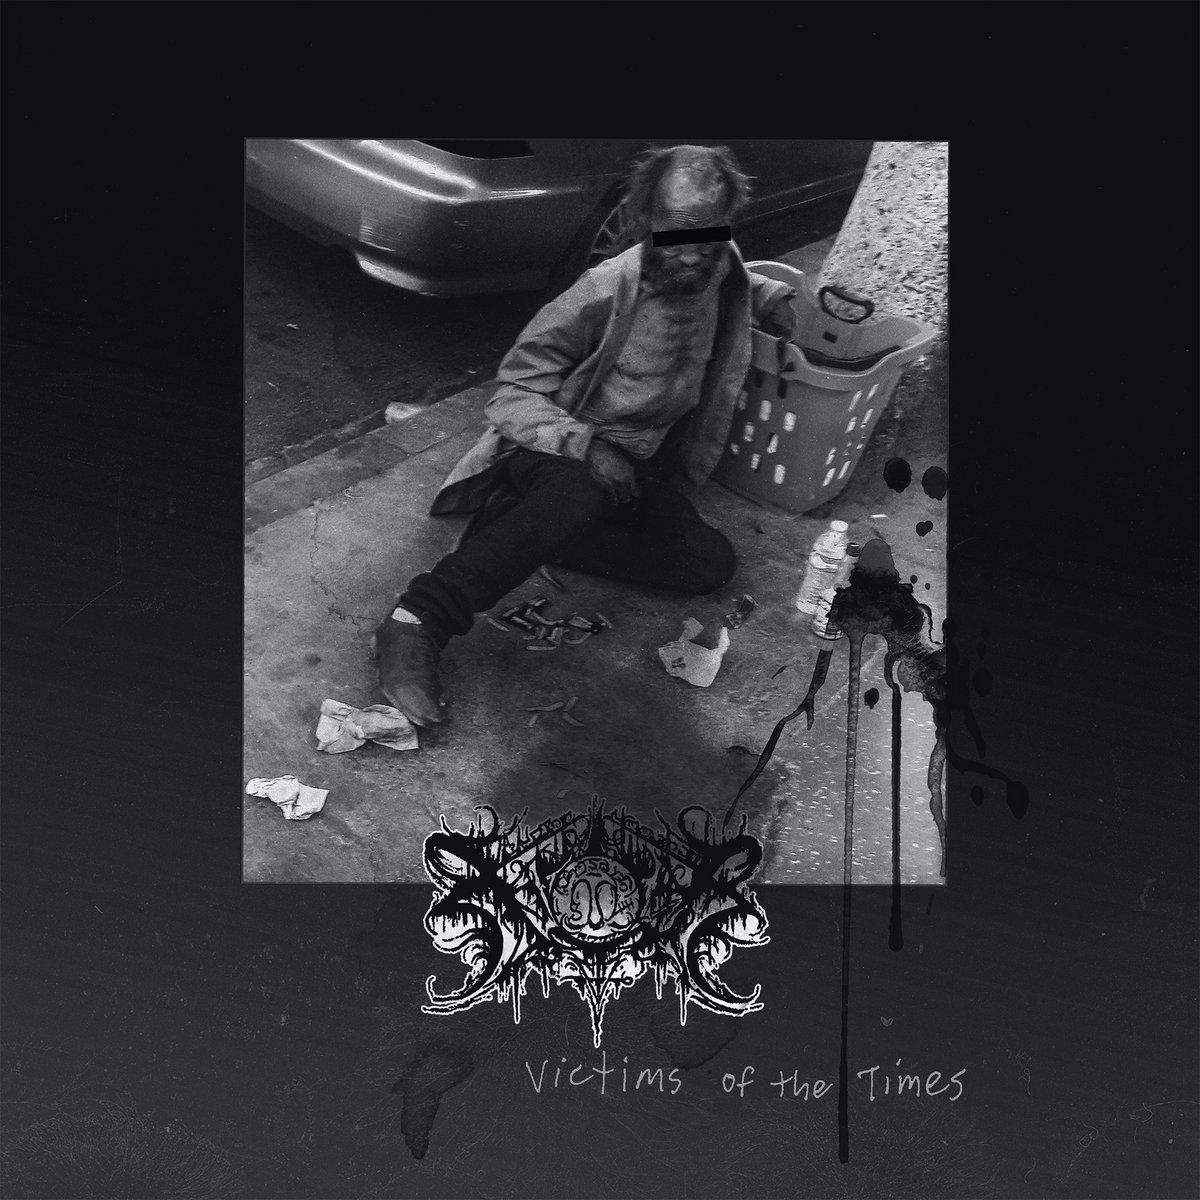 XASTHUR : les détails du nouvel album Victims of the Times ; la lyric vidéo de la nouvelle chanson » Victims of the Times»